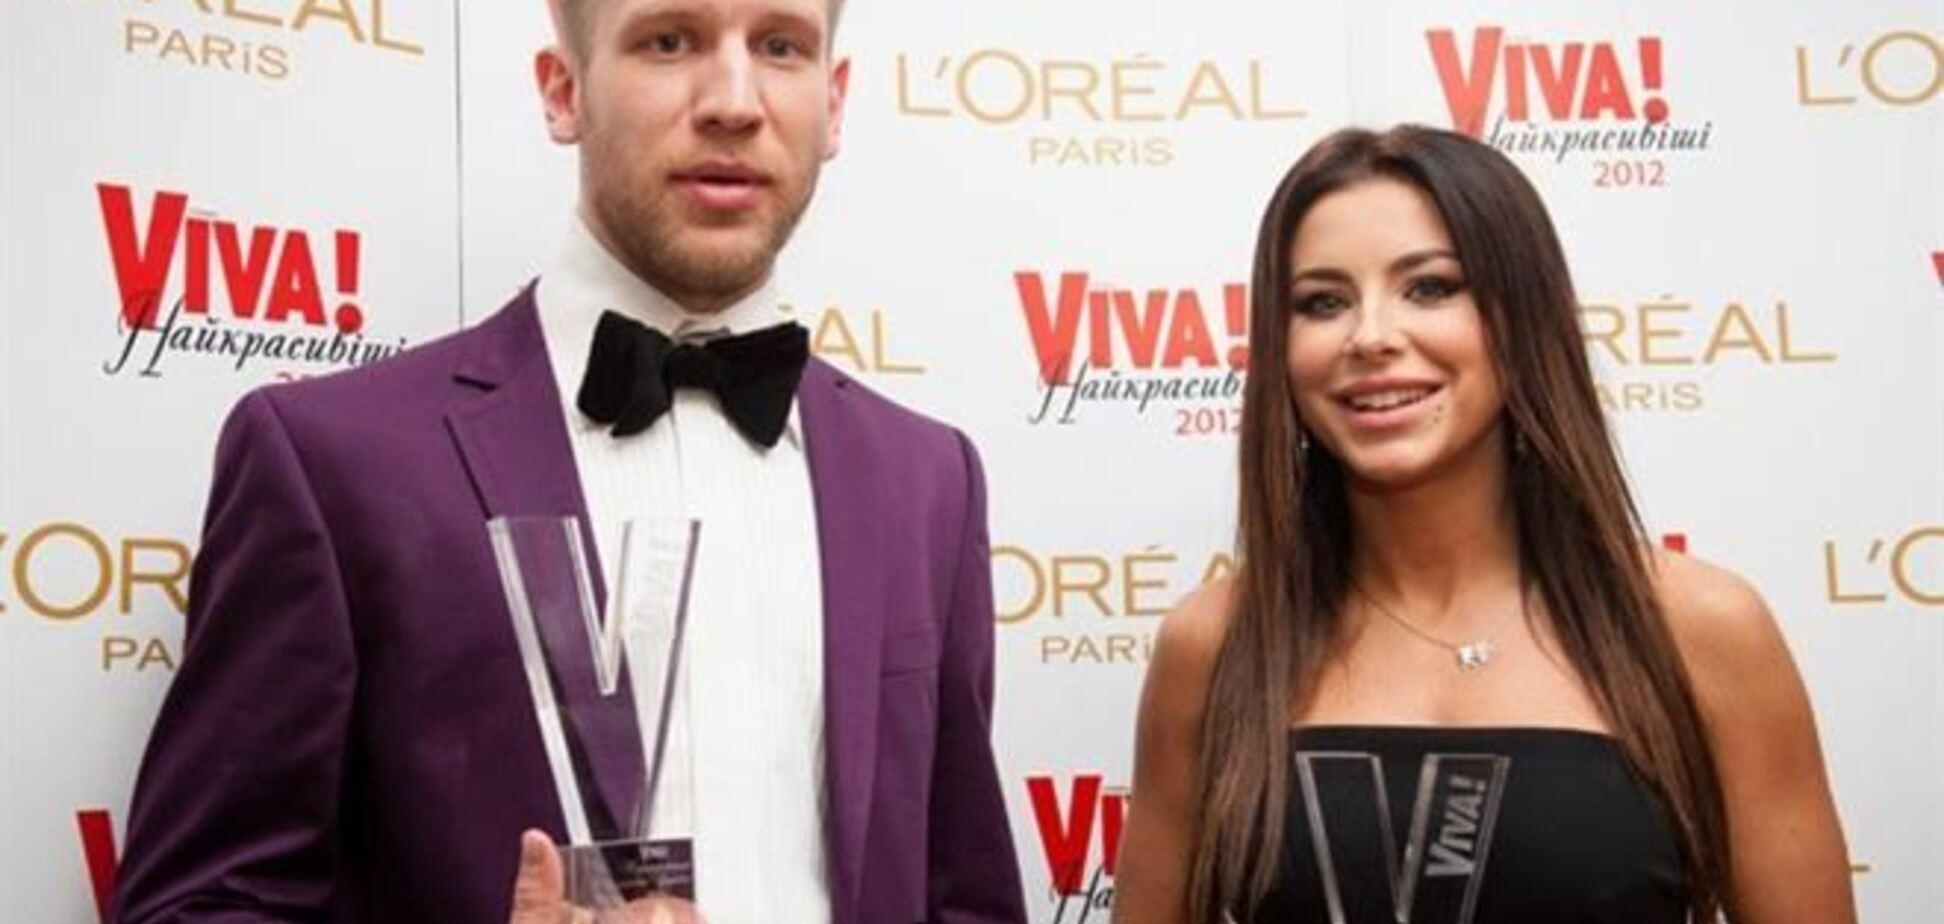 'Viva' скасувала свою премію через складну ситуацію в країні